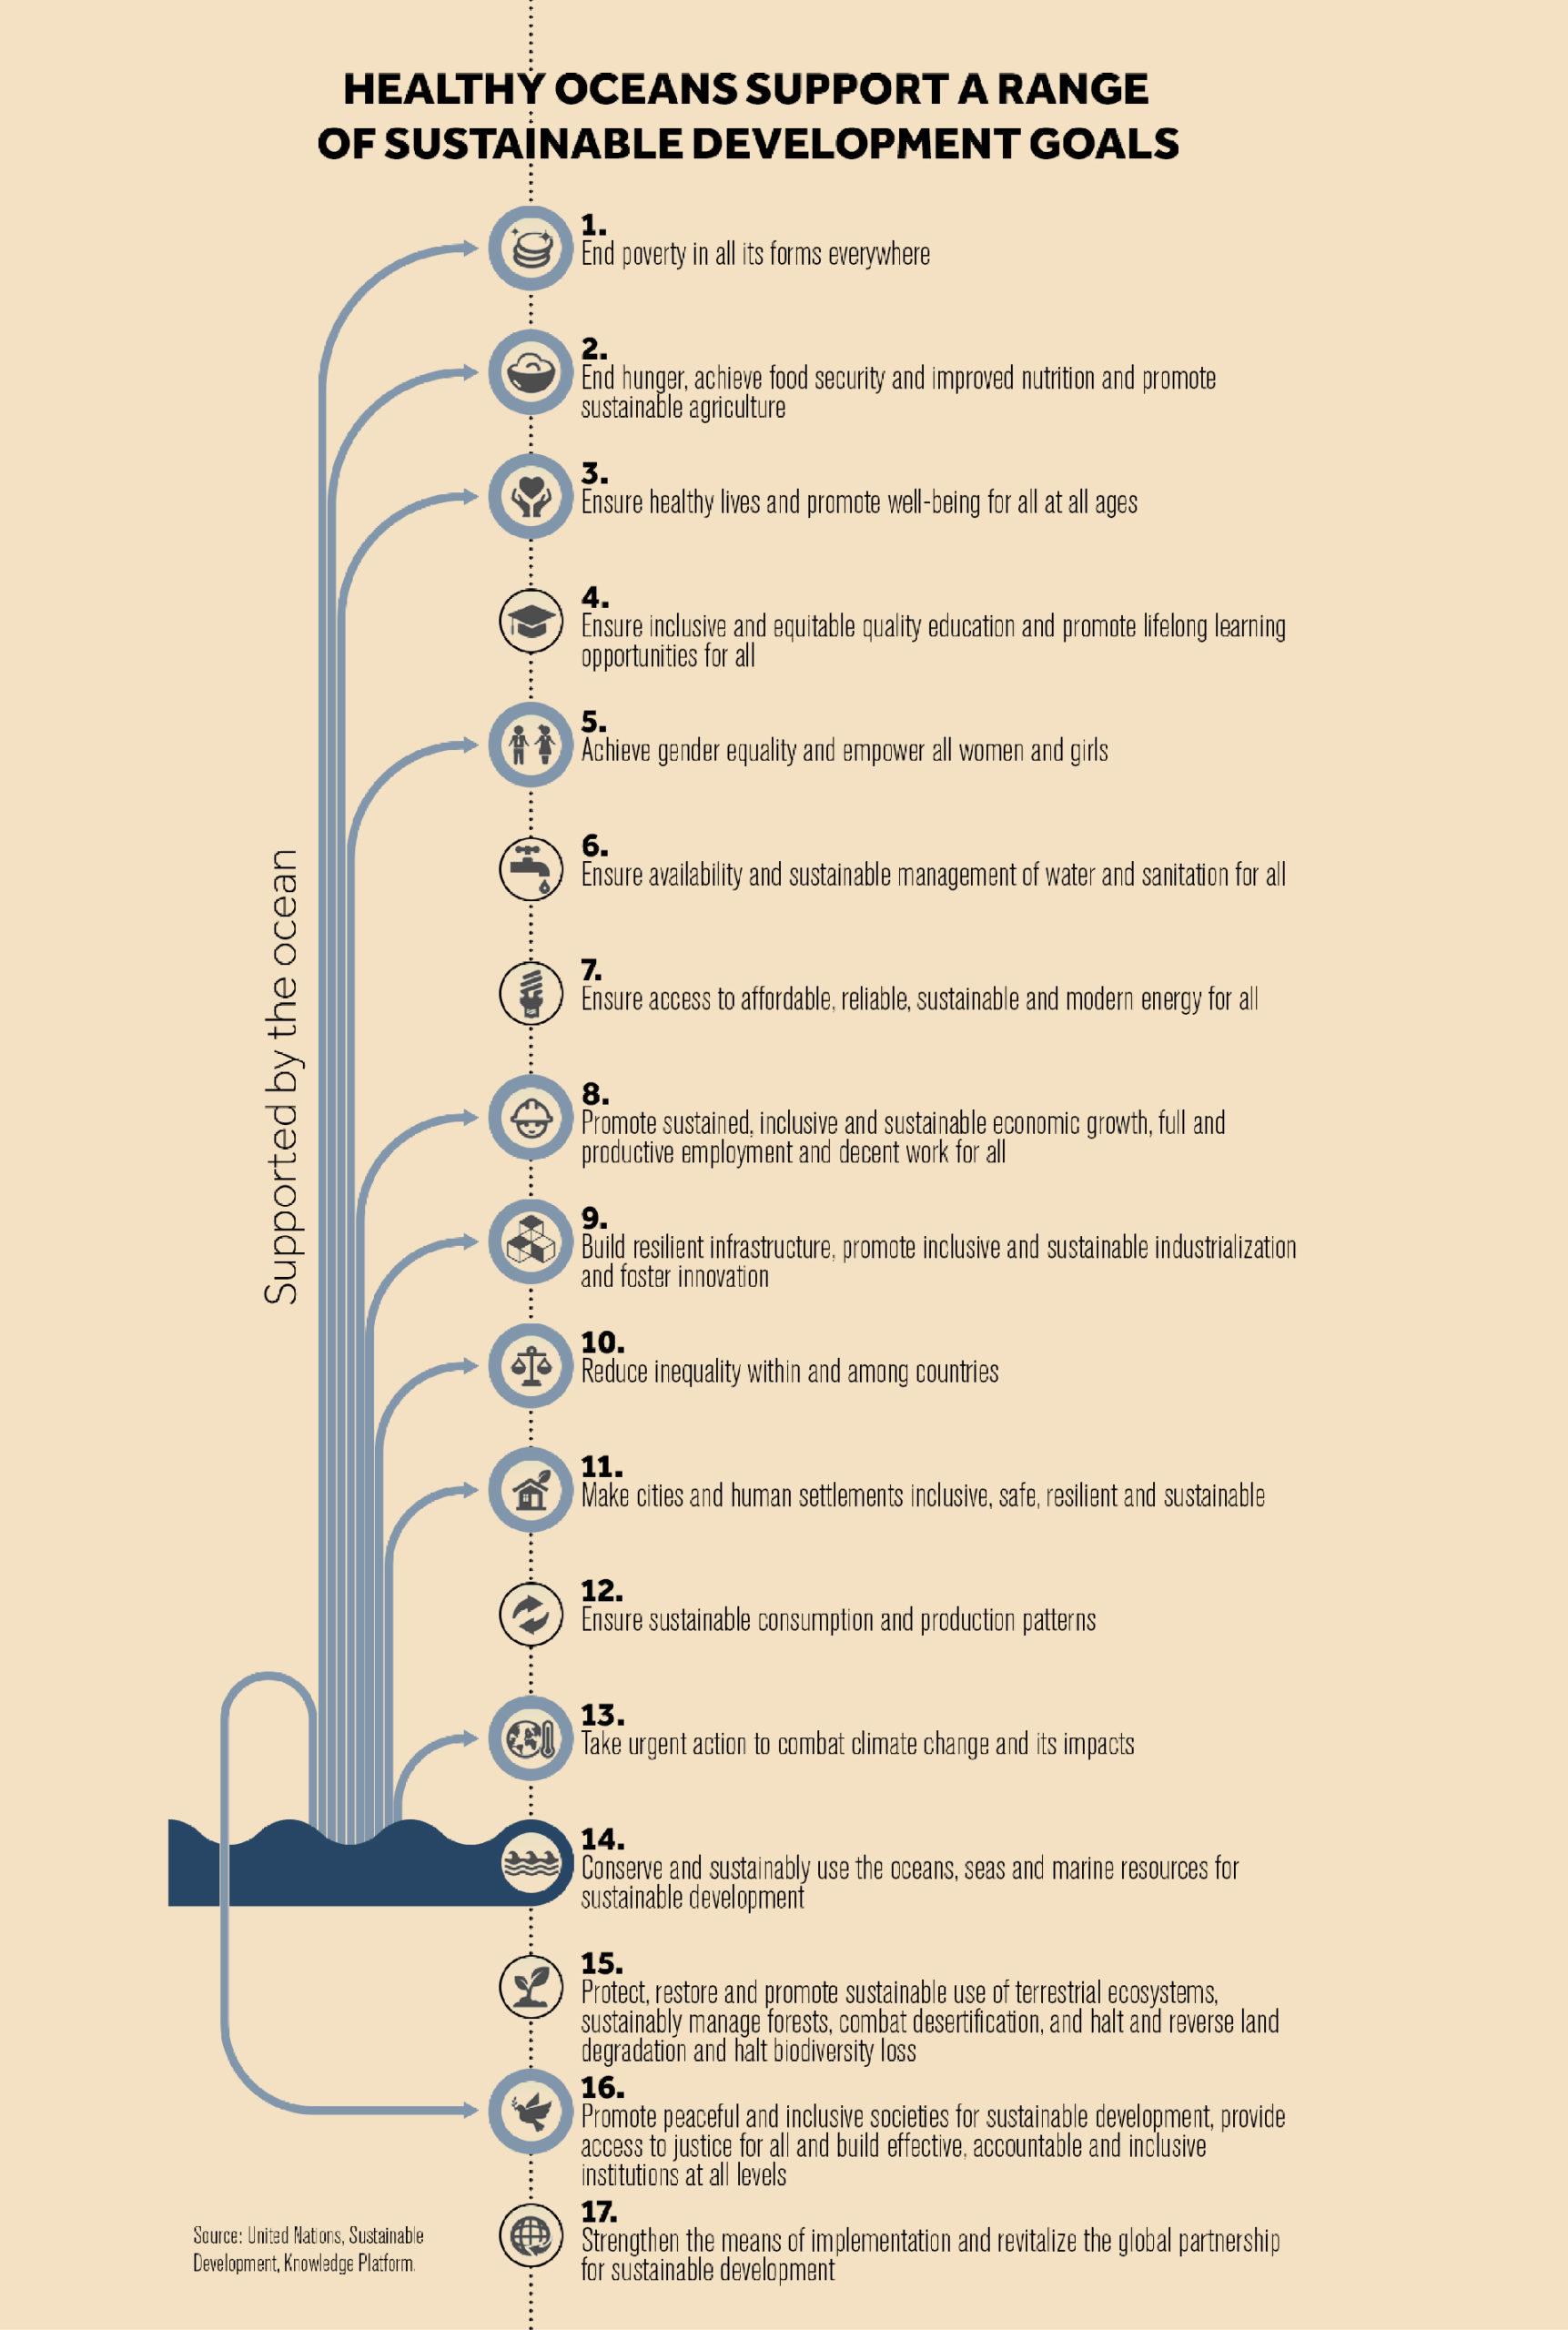 ocean sustainable development goals